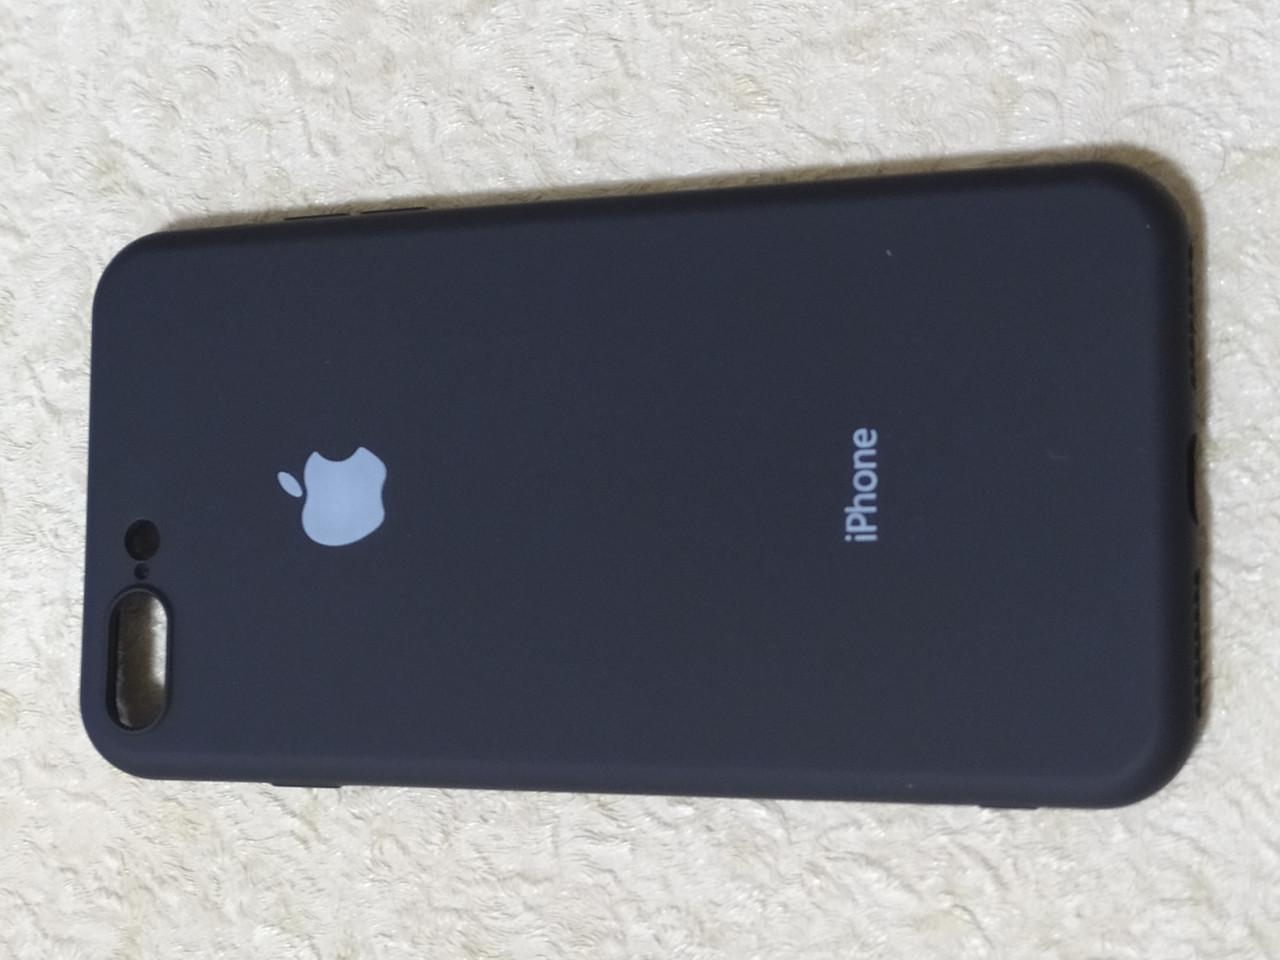 Накладка   Silicon Cover full   для    iPhone 7  Plus / 8  Plus  (черный) Copy